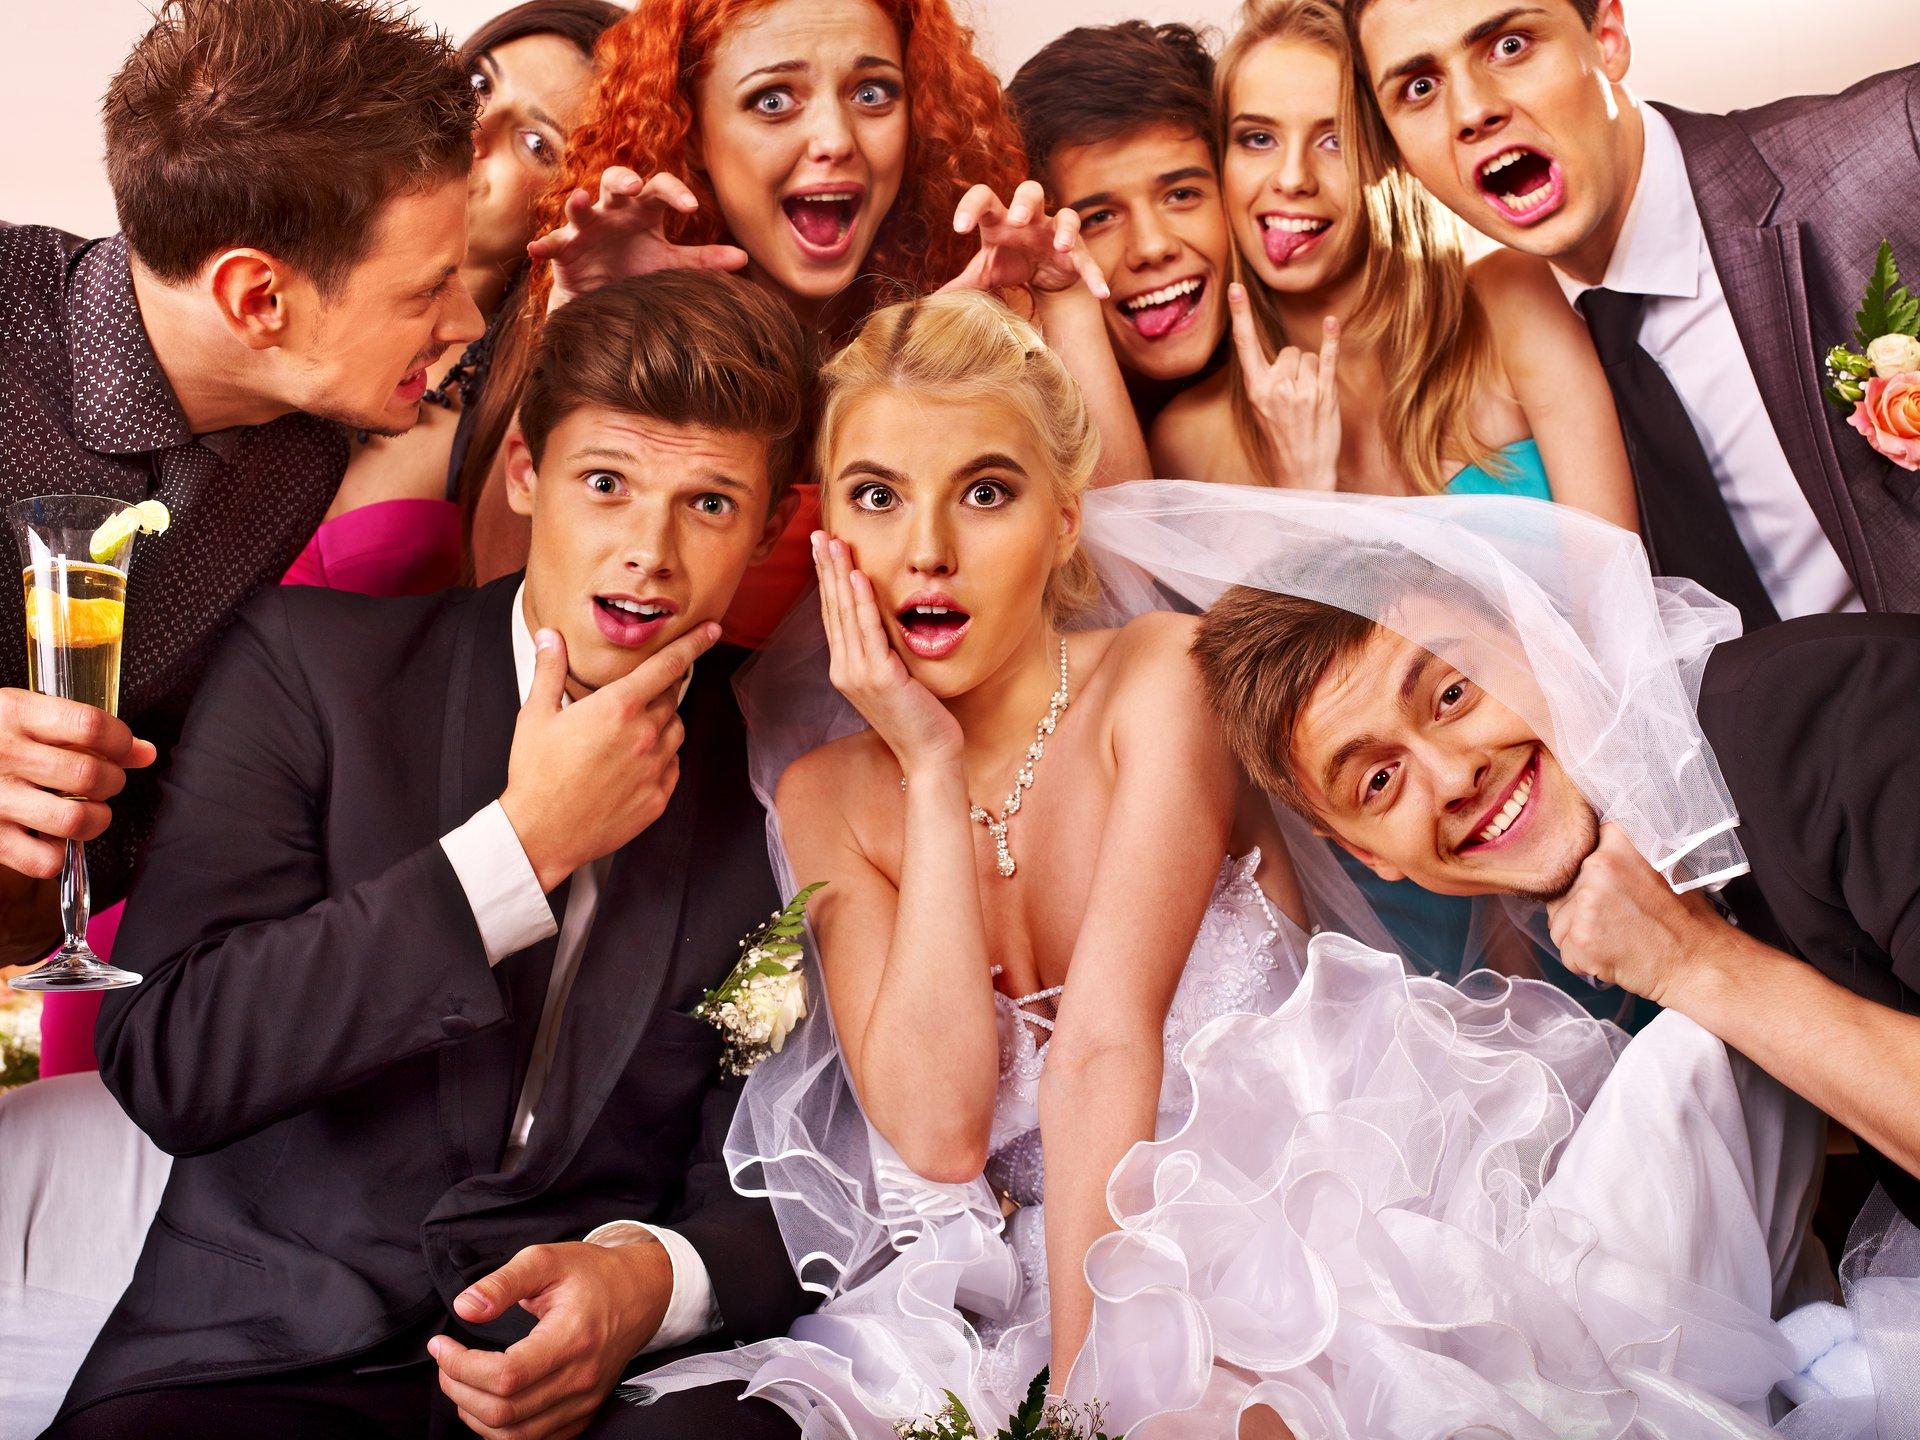 Goofy wedding picture